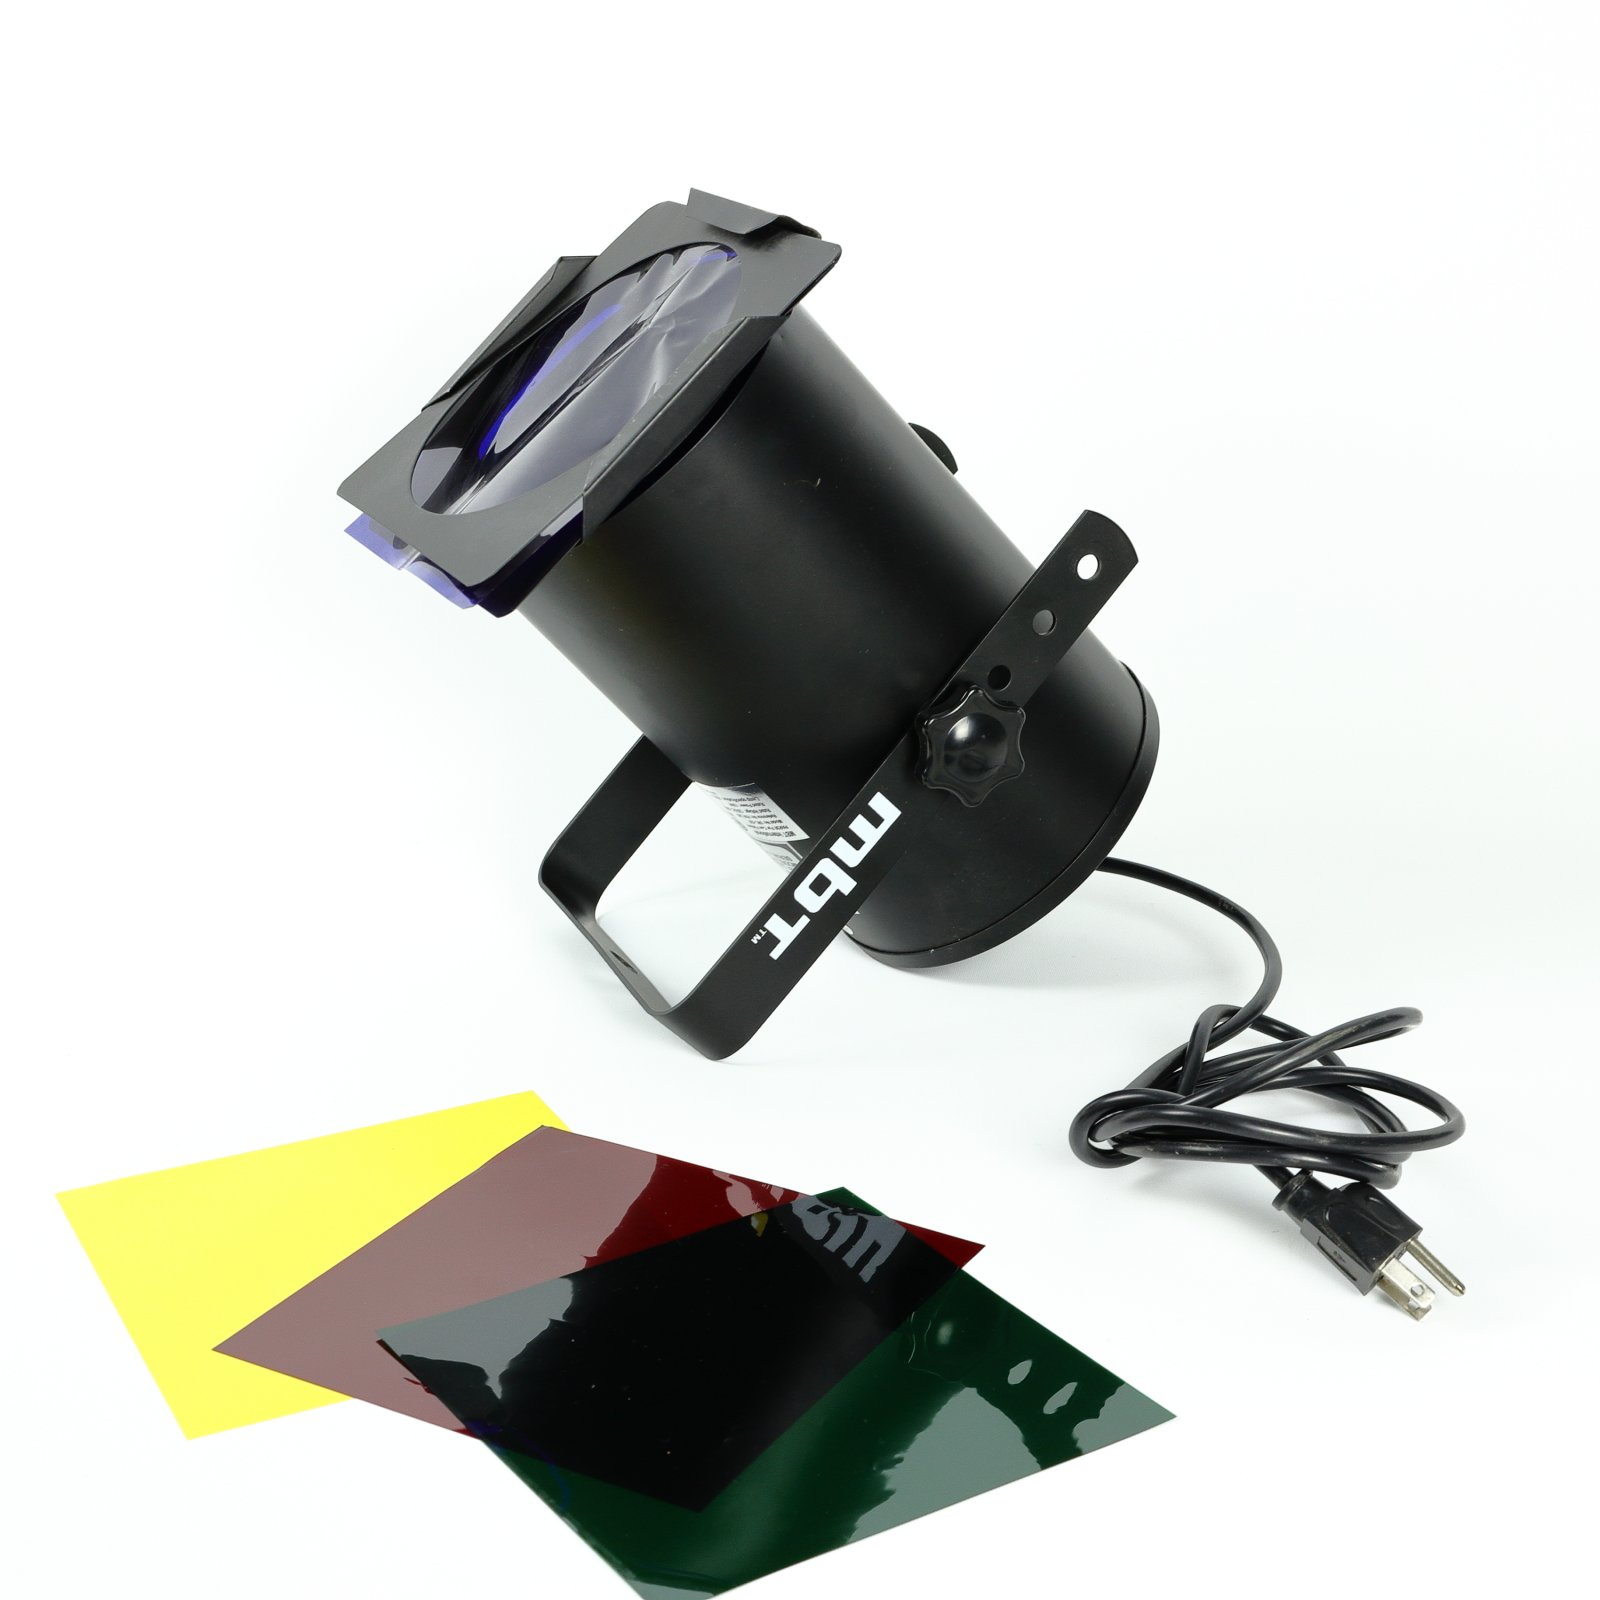 MBT Lighting PAR38SKIT Par Can Kit PR38S, Black (USED)